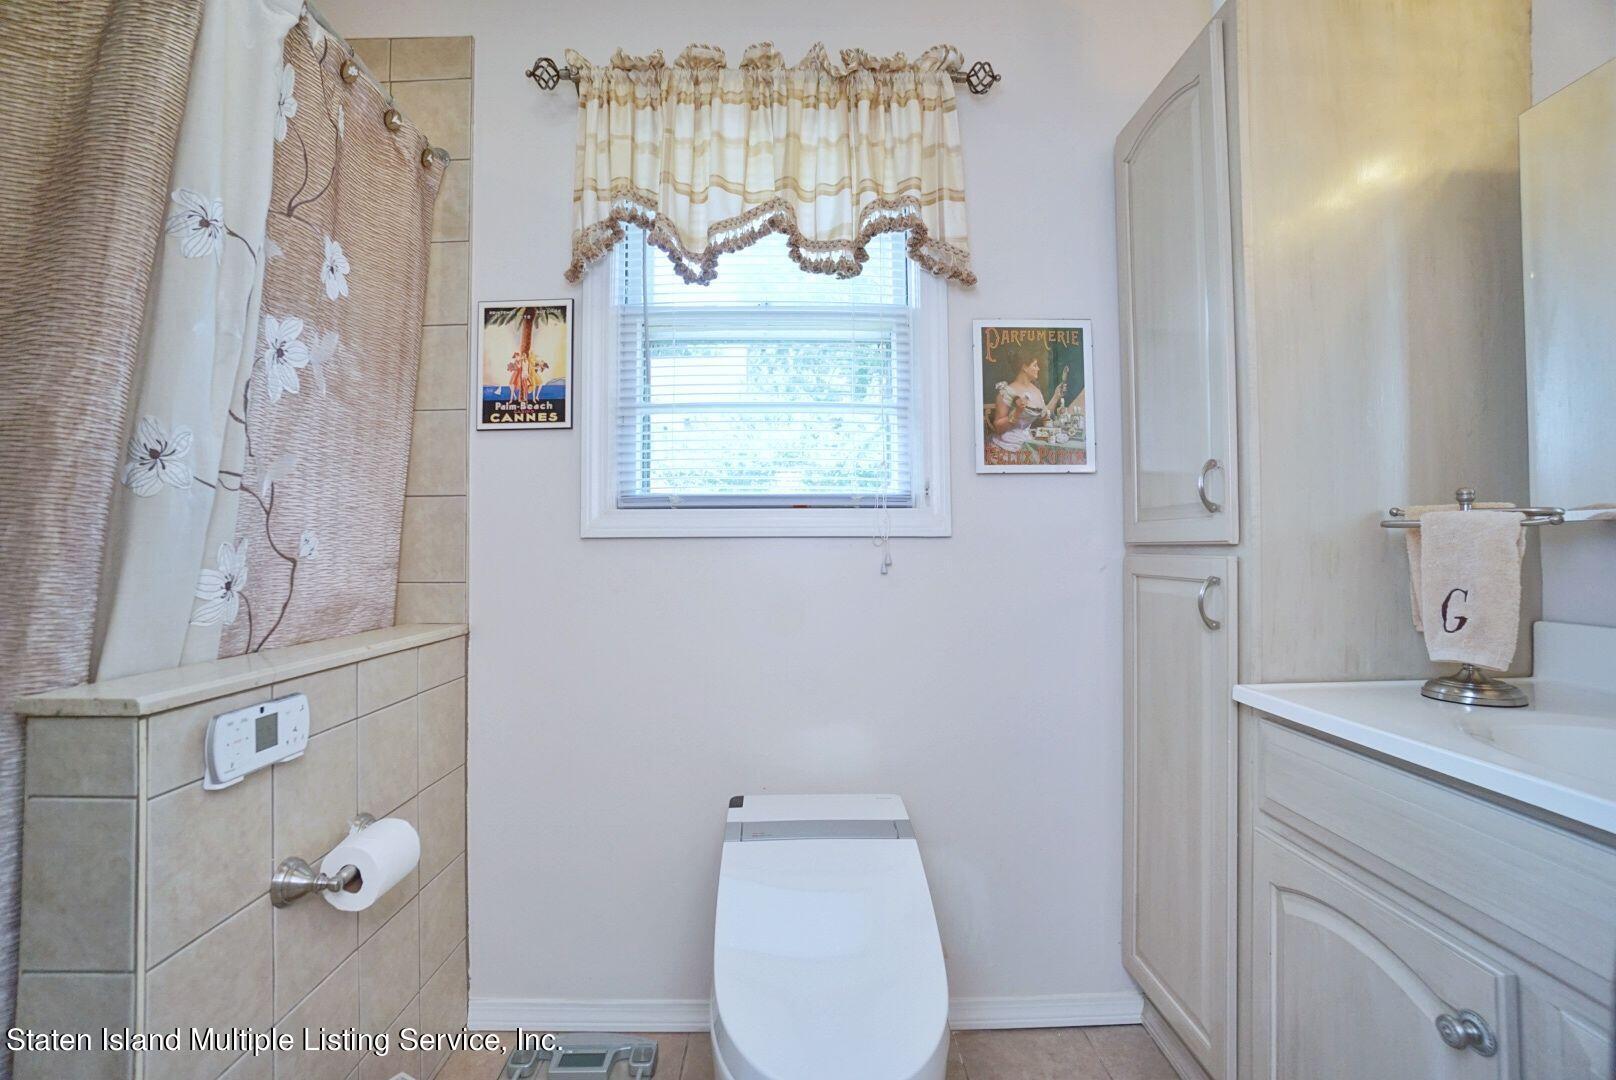 Single Family - Detached 29 City Boulevard  Staten Island, NY 10301, MLS-1147694-24